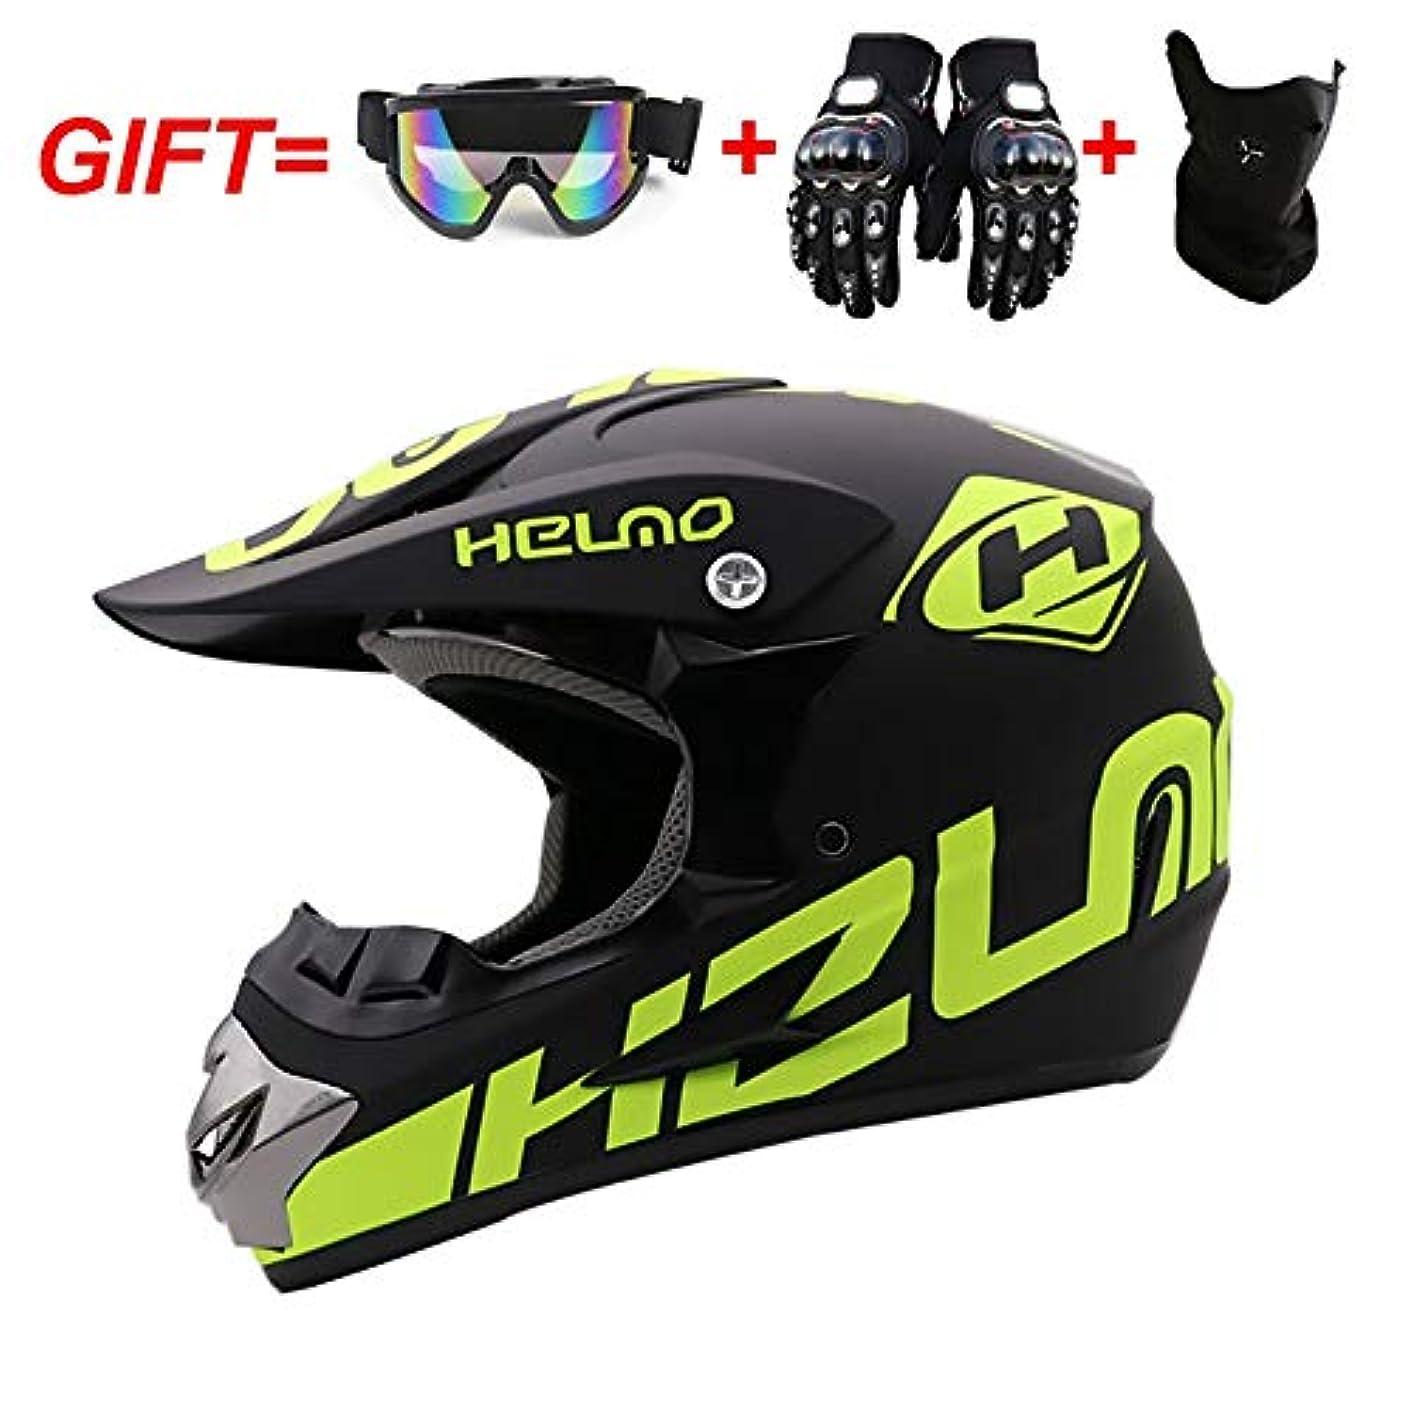 ずらす濃度無力TOMSSL高品質 四季ユニバーサルオートバイヘルメットフルフェイスヘルメットモトクロスレーシングヘルメット屋外乗馬スポーツ用品